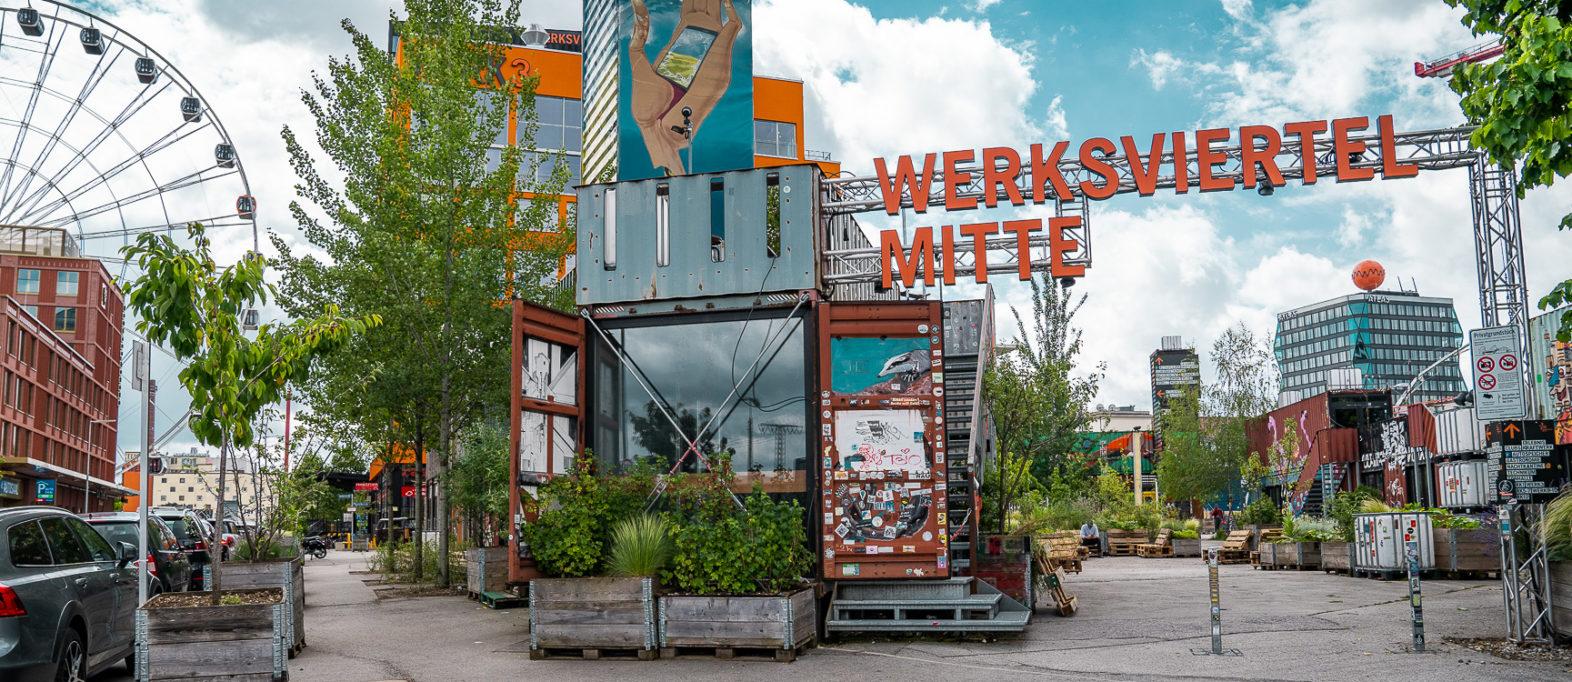 Geheimtipp München: 11 alternative Sehenswürdigkeiten für dein nächstes urbanes Abenteuer